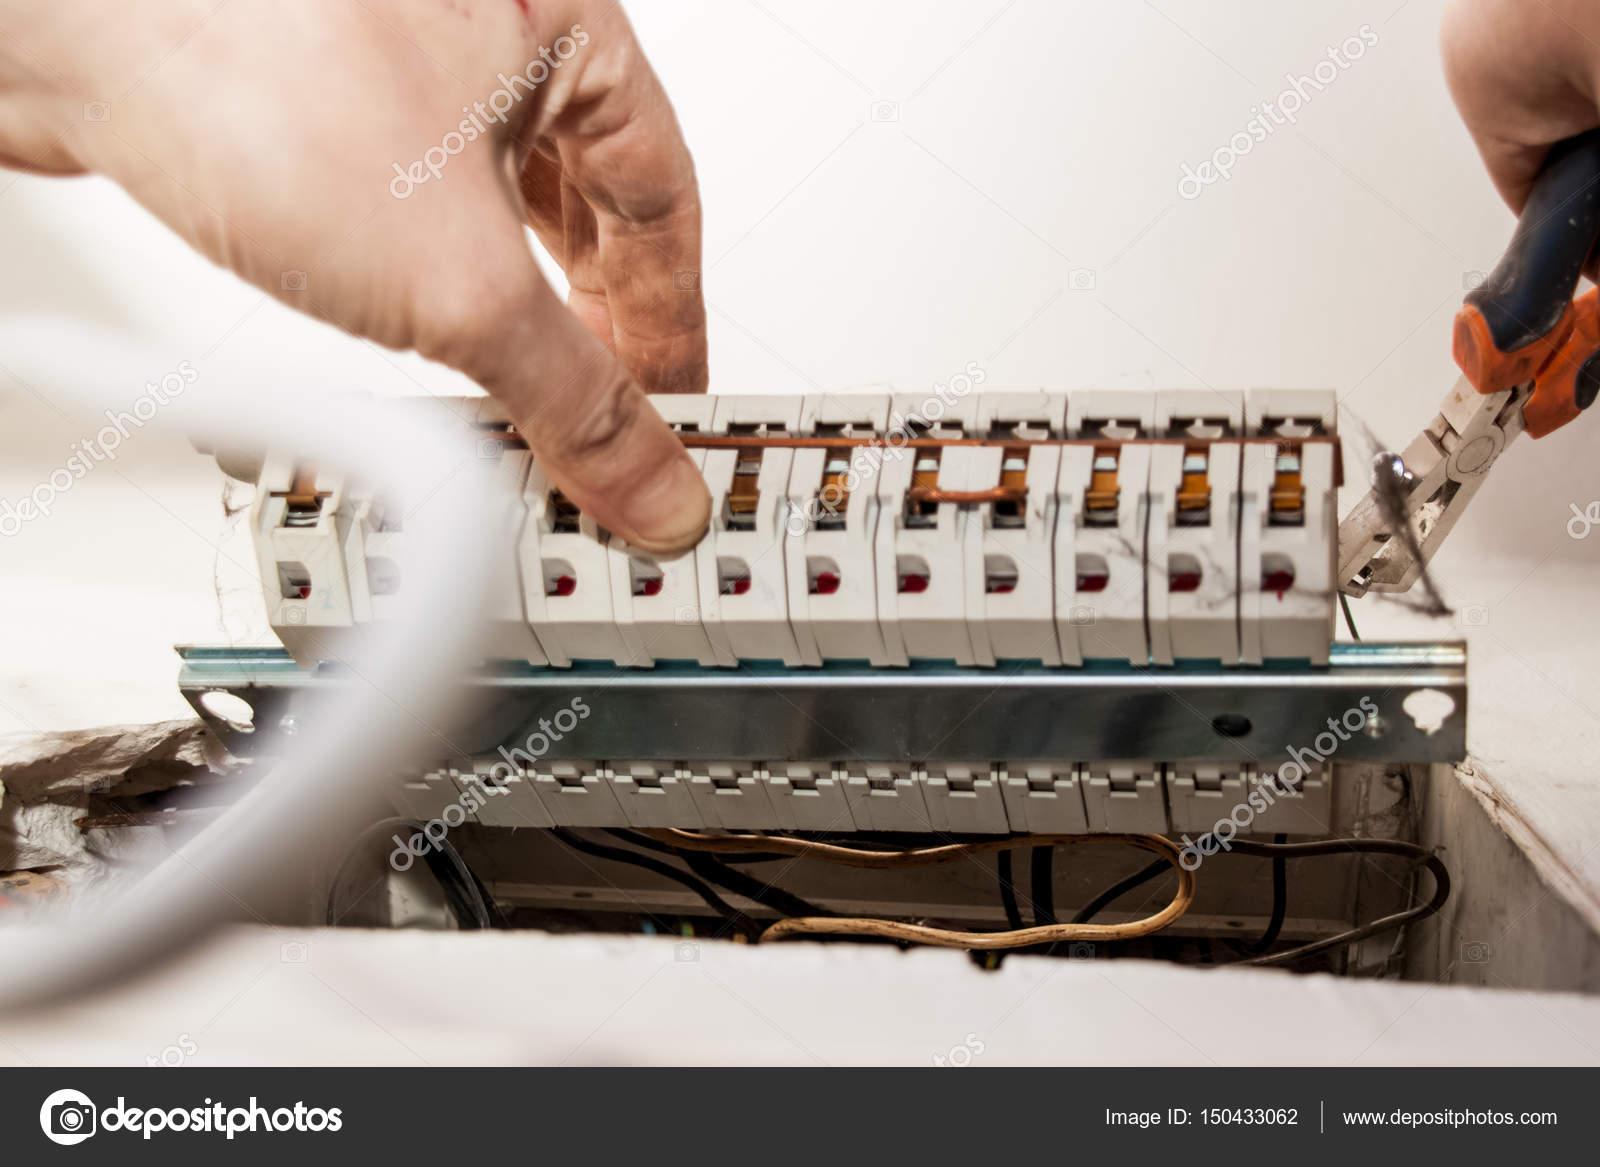 Wohnung Renovierung, Änderung Der Alten Elektrischen Installation,  Umsetzung U2014 Stockfoto